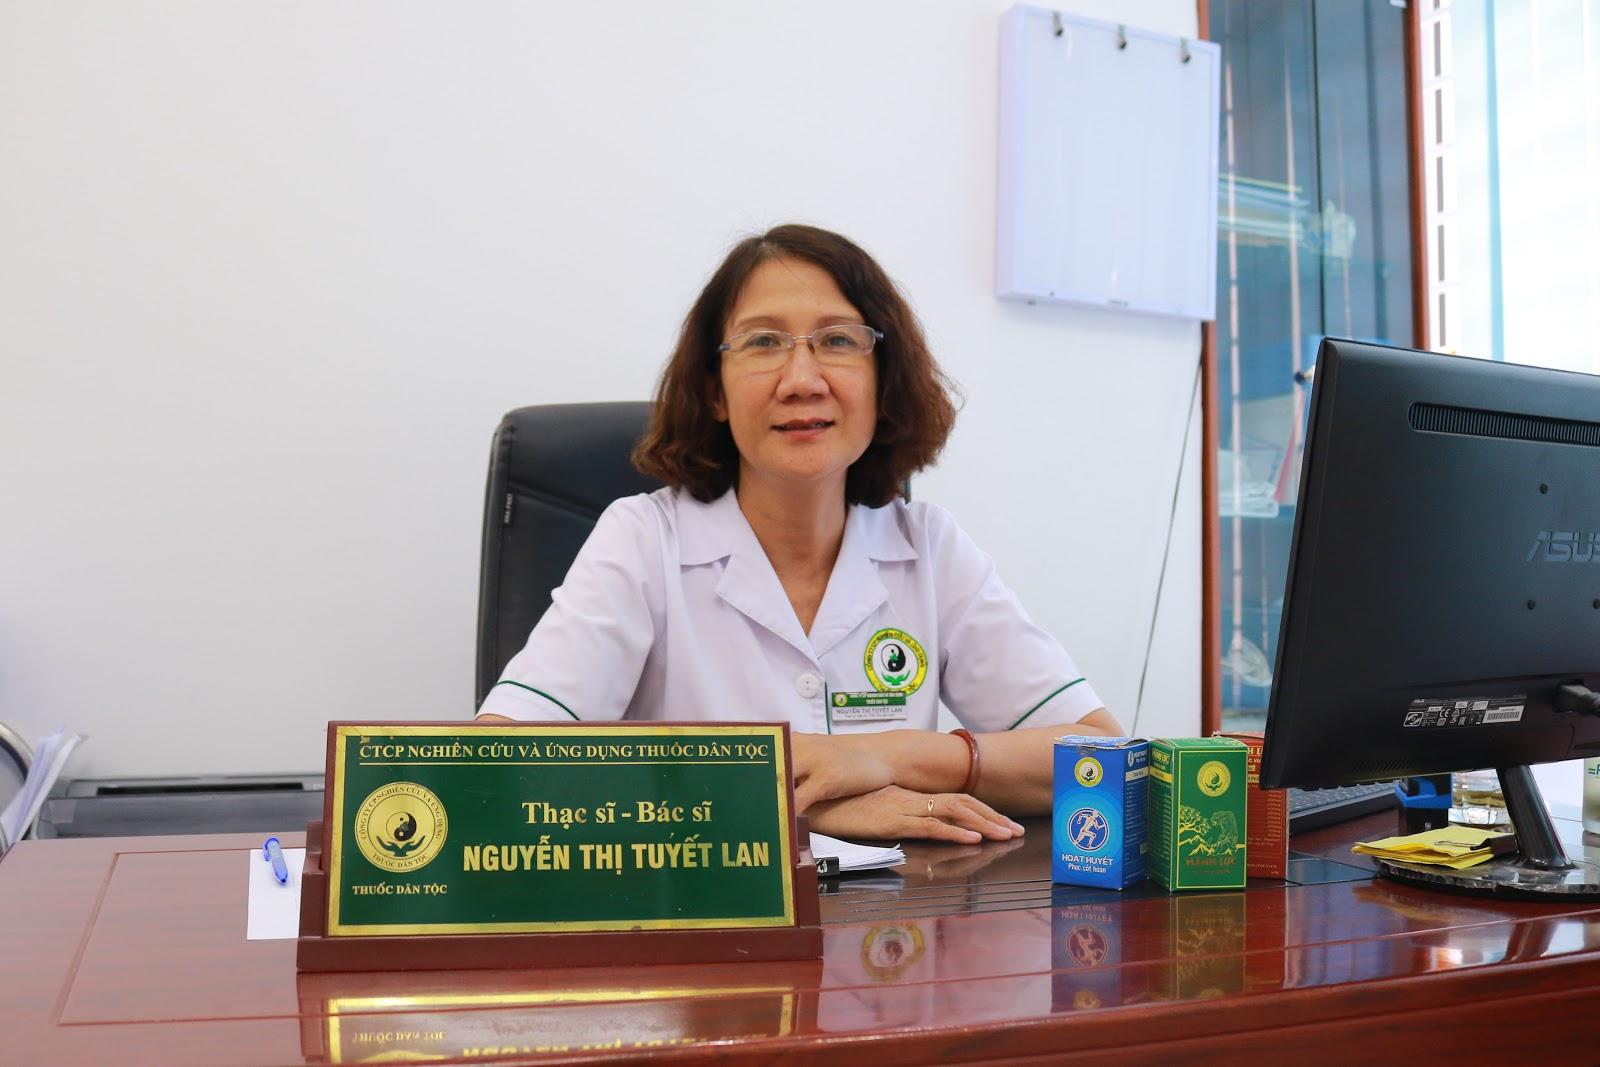 Hình ảnh bác sĩ Tuyết Lan